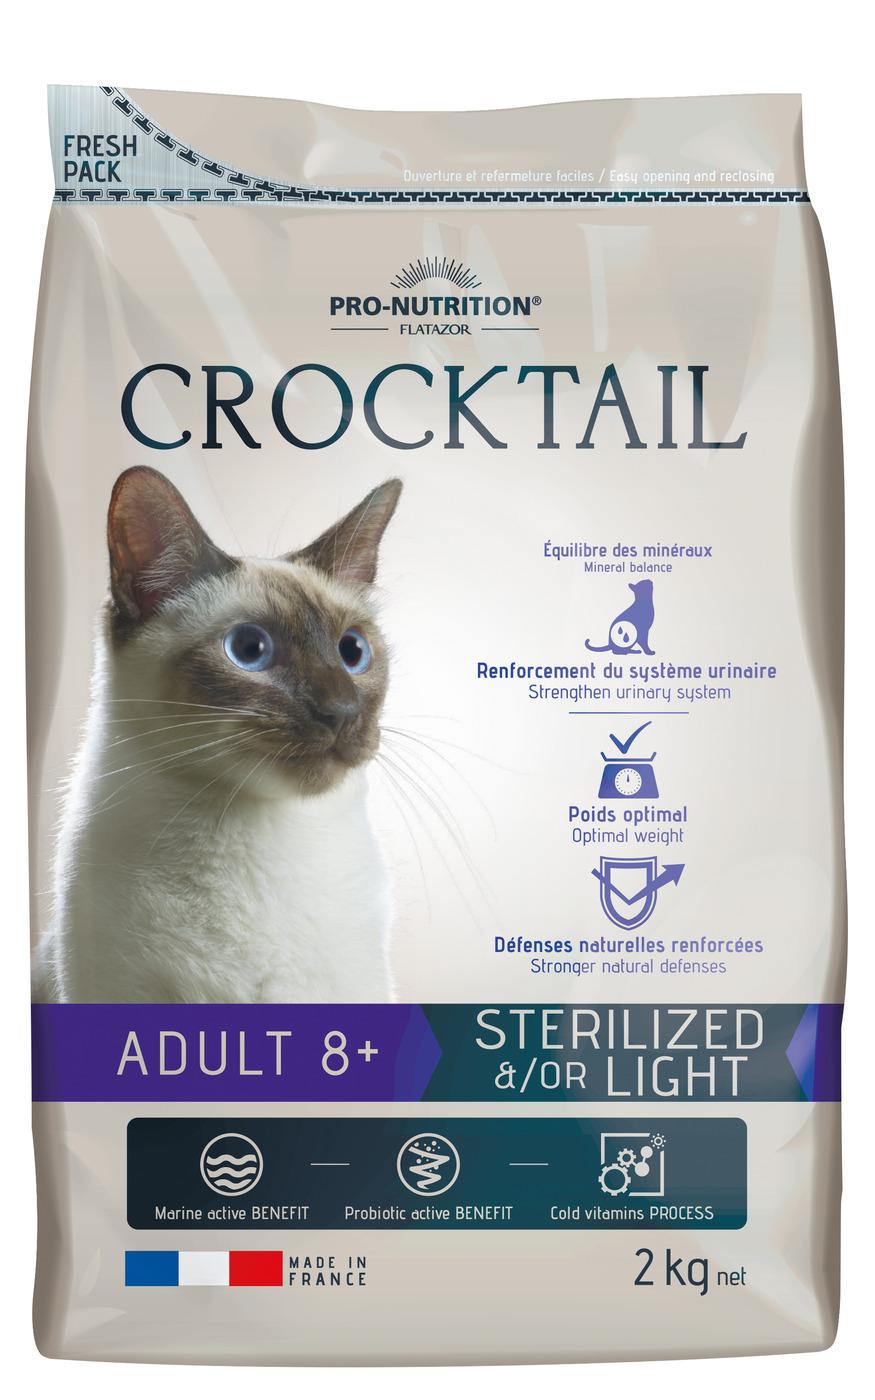 CROCKTAIL ADULT 8+ STERILISE etou LIGHT  2кг х 4